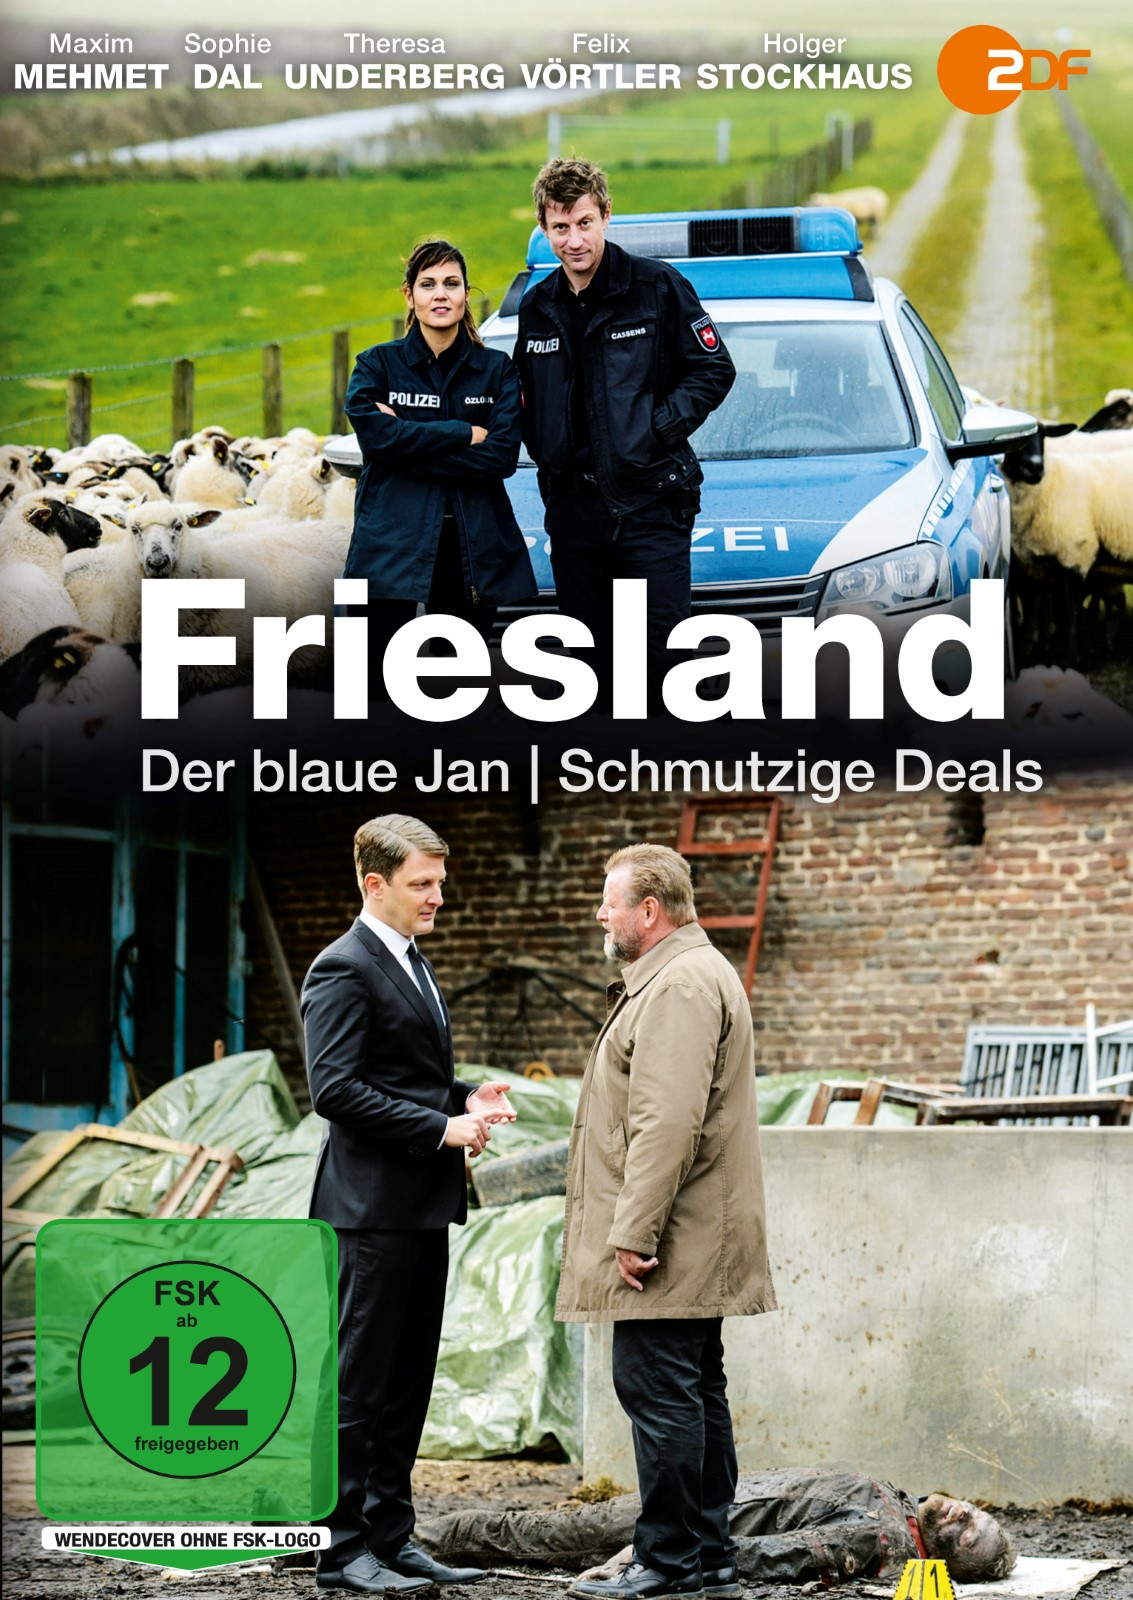 Friesland Schmutzige Deals